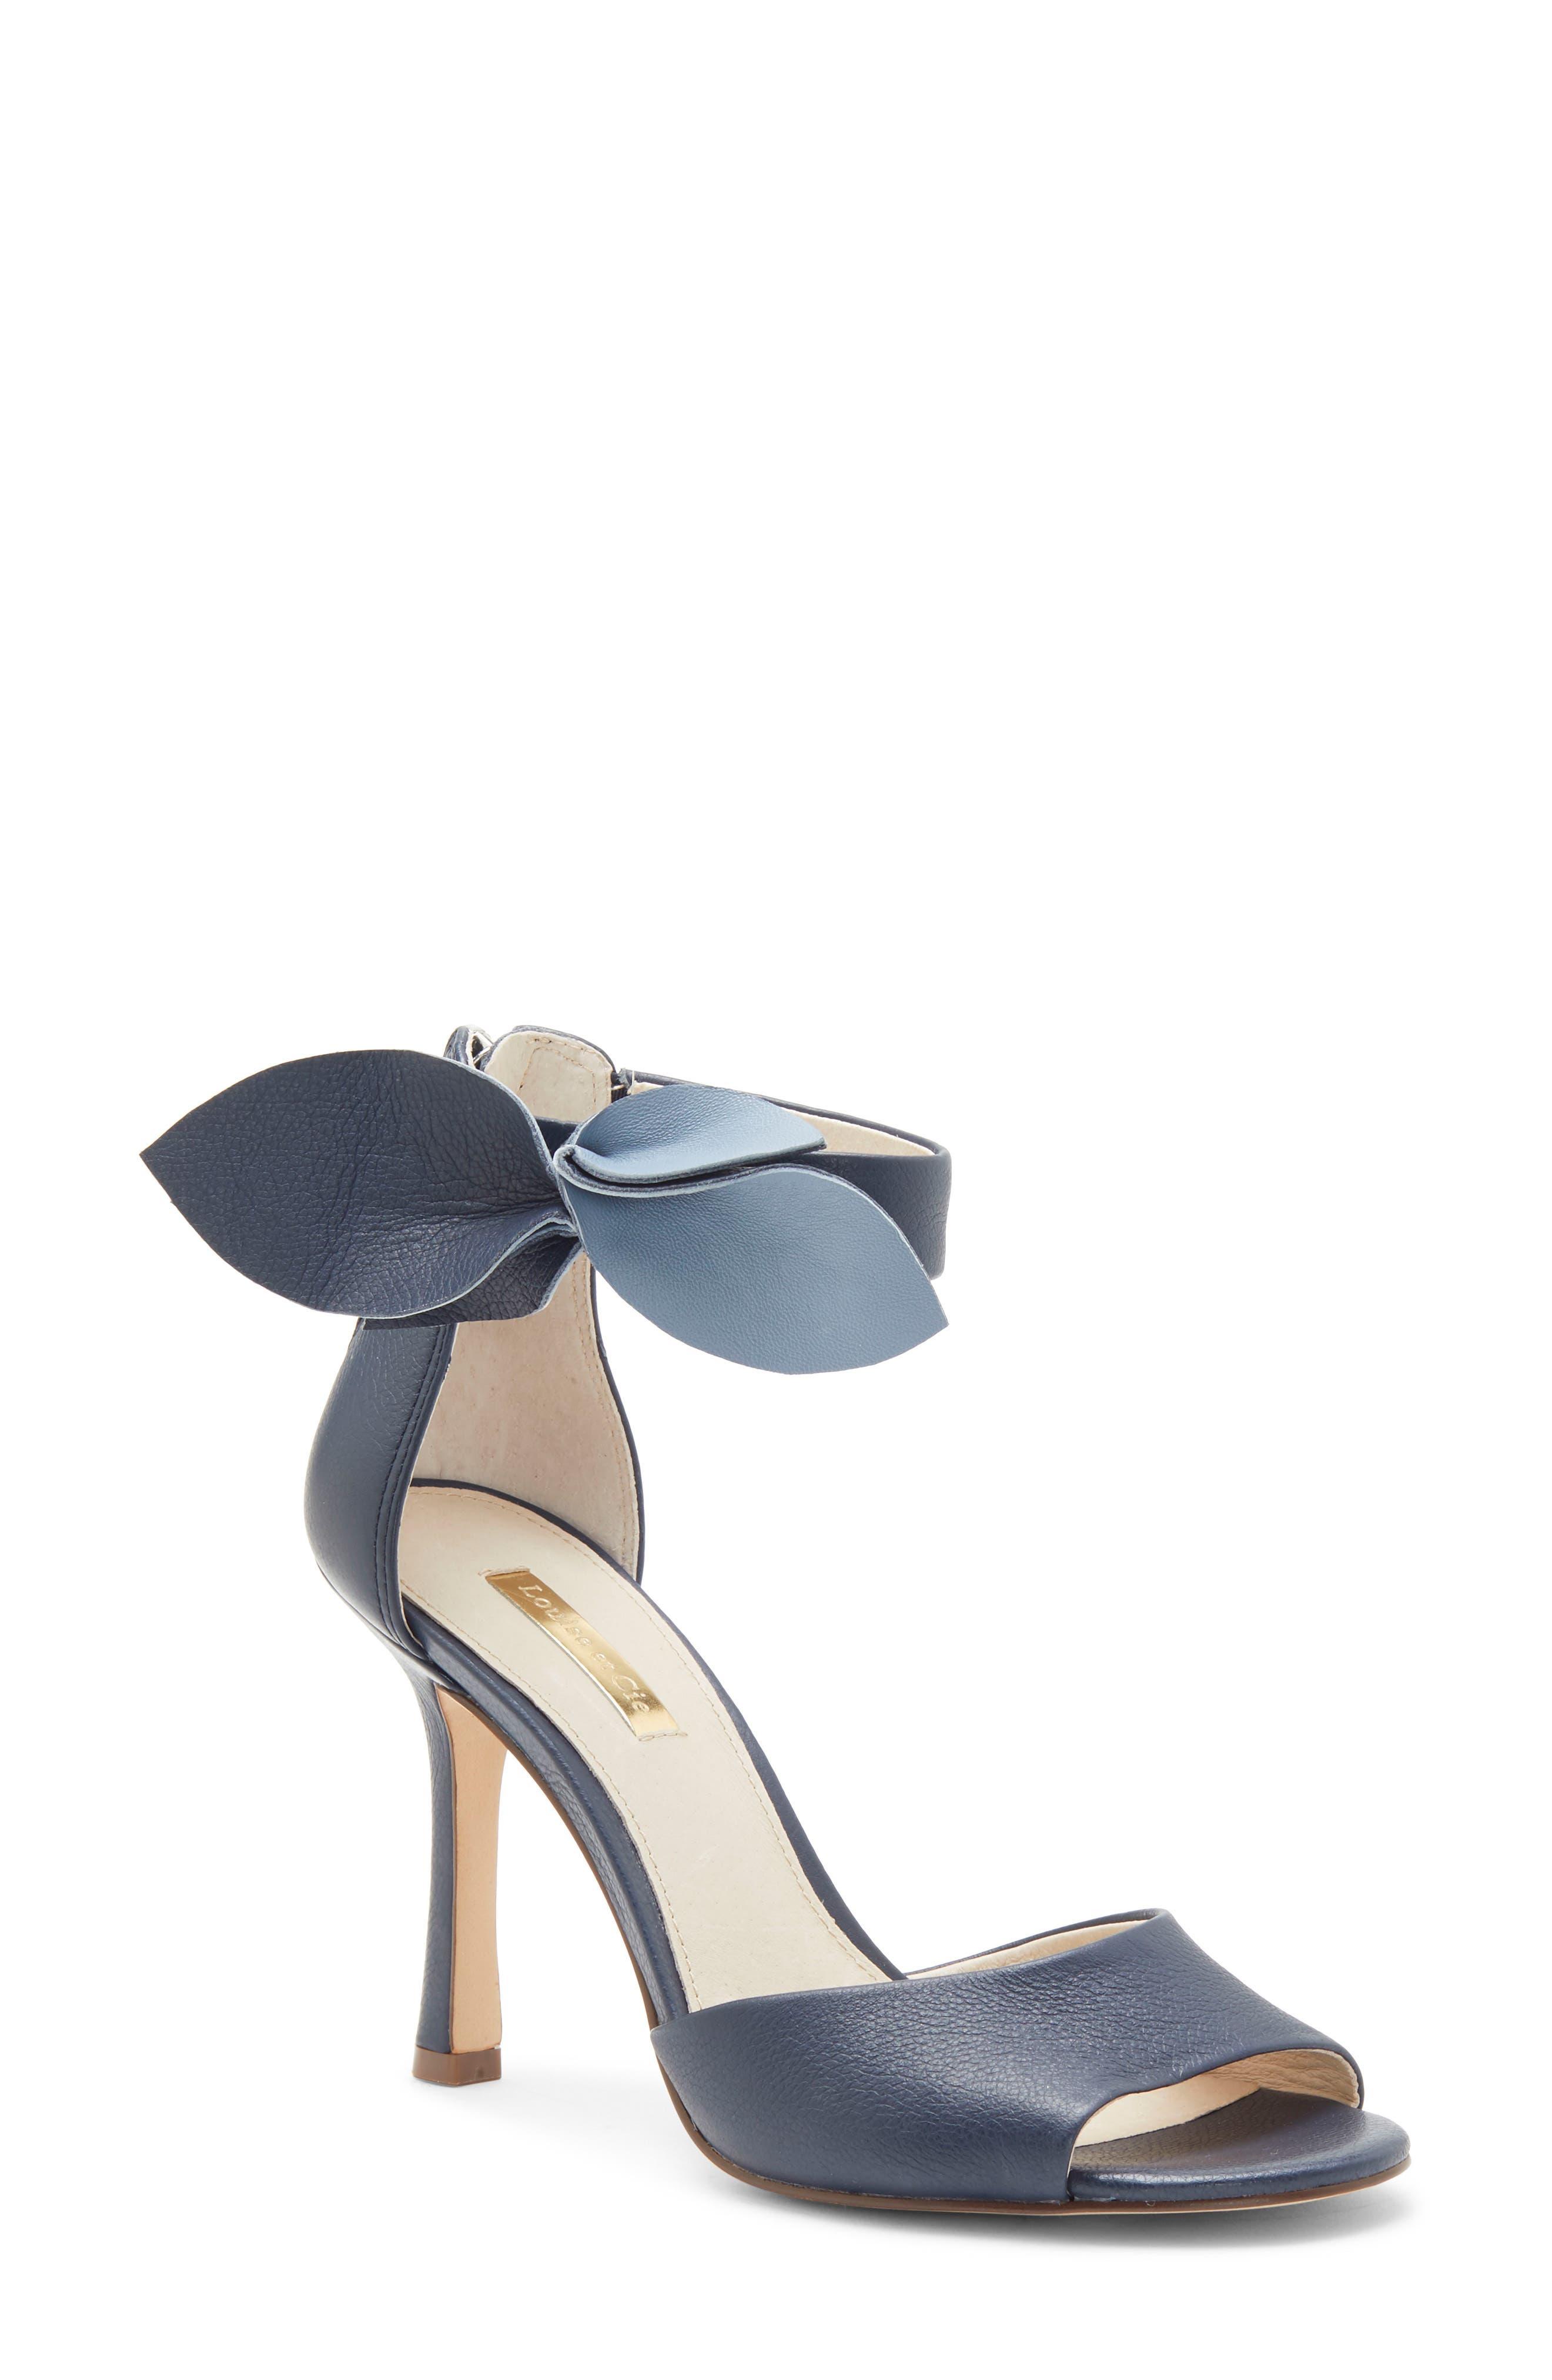 Louise Et Cie Kenbeck Bow Ankle Strap Sandal, Blue